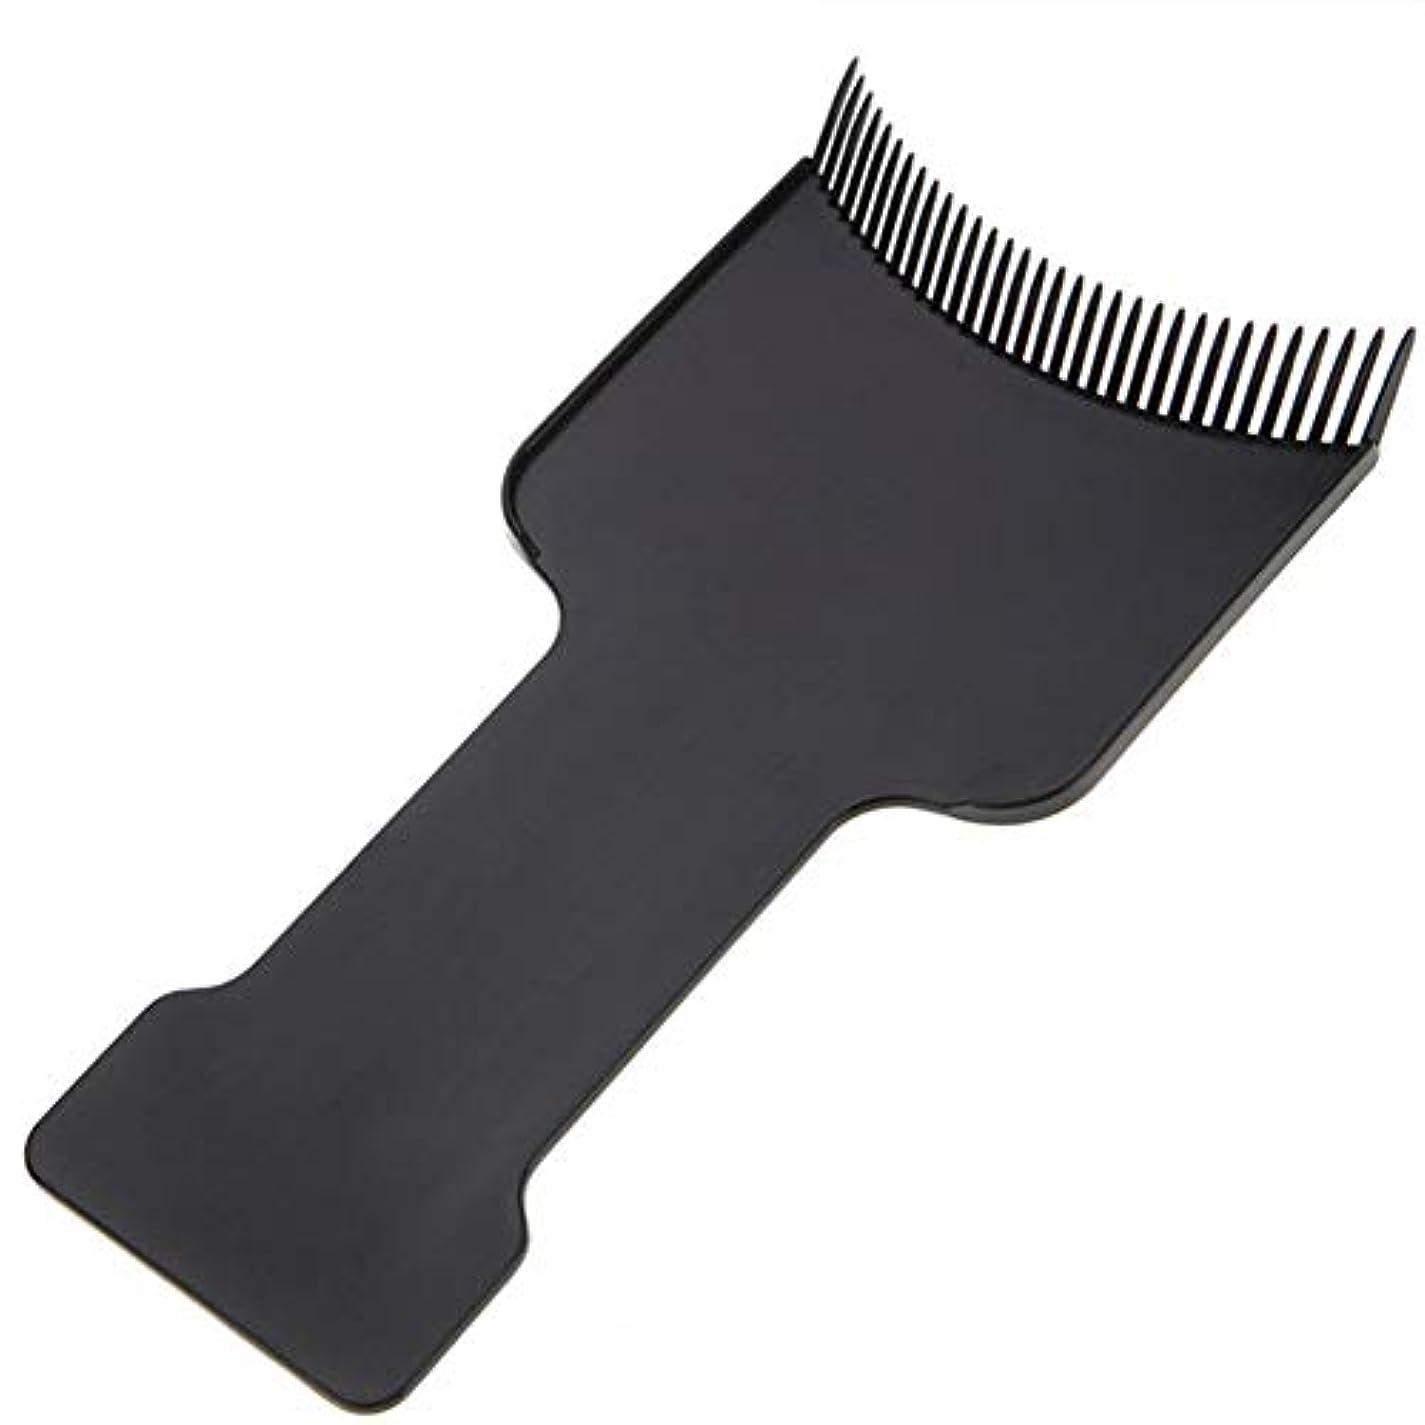 政治家の宿命薬AIMERKUP 理髪サロンヘアカラーリング染色ボードヘアトリートメントケアピックカラーボードくし理髪ツール frugal friendly